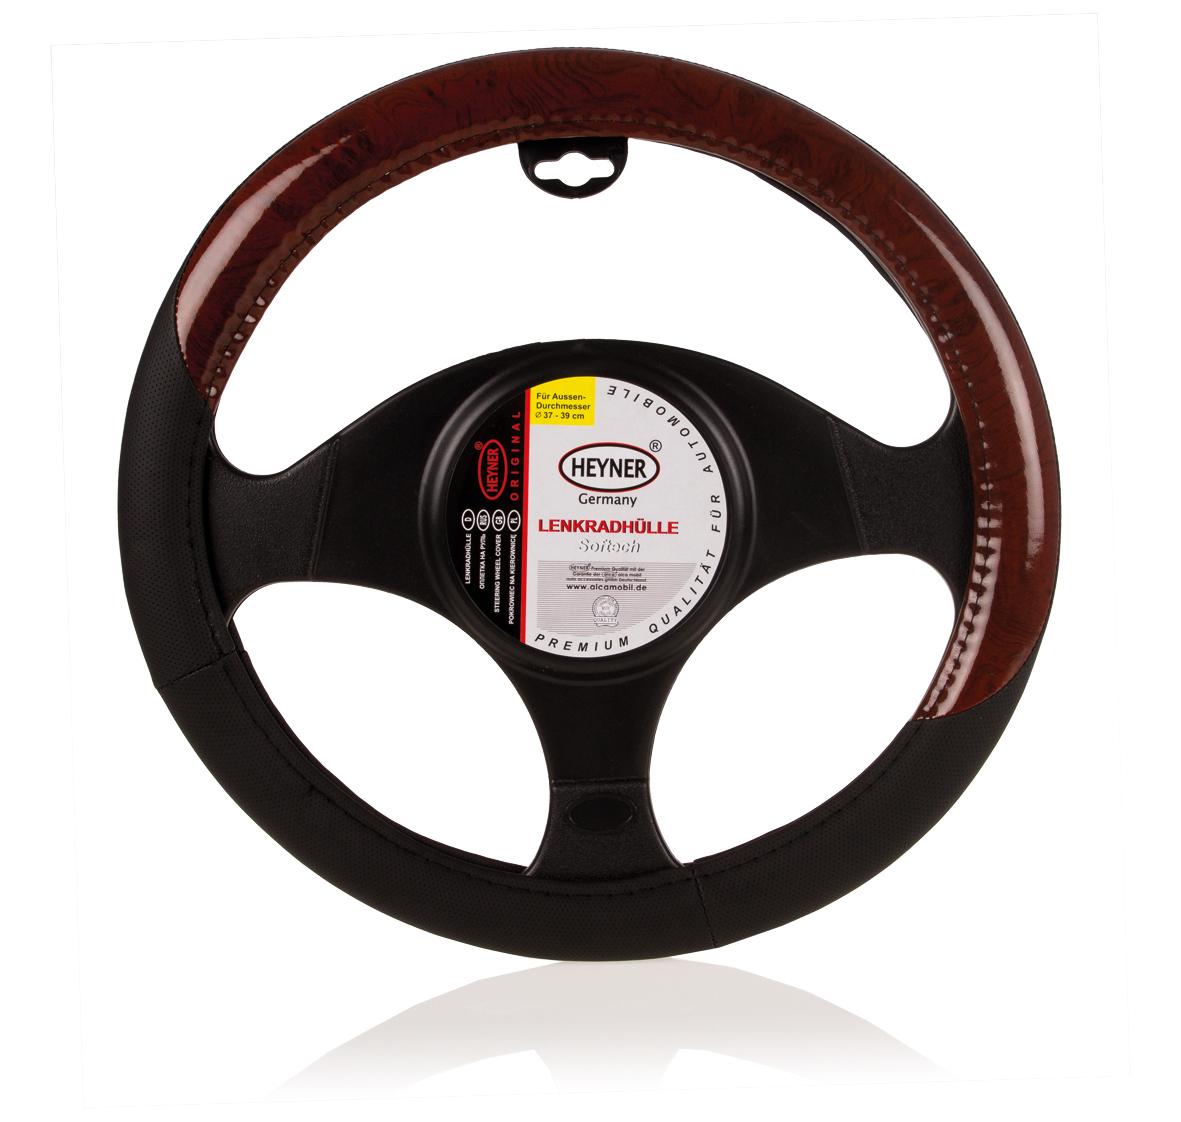 """Чехол на руль """"Heyner"""", натуральная кожа, цвет: черный c коричневыми вставками, диаметр 37-39 см"""